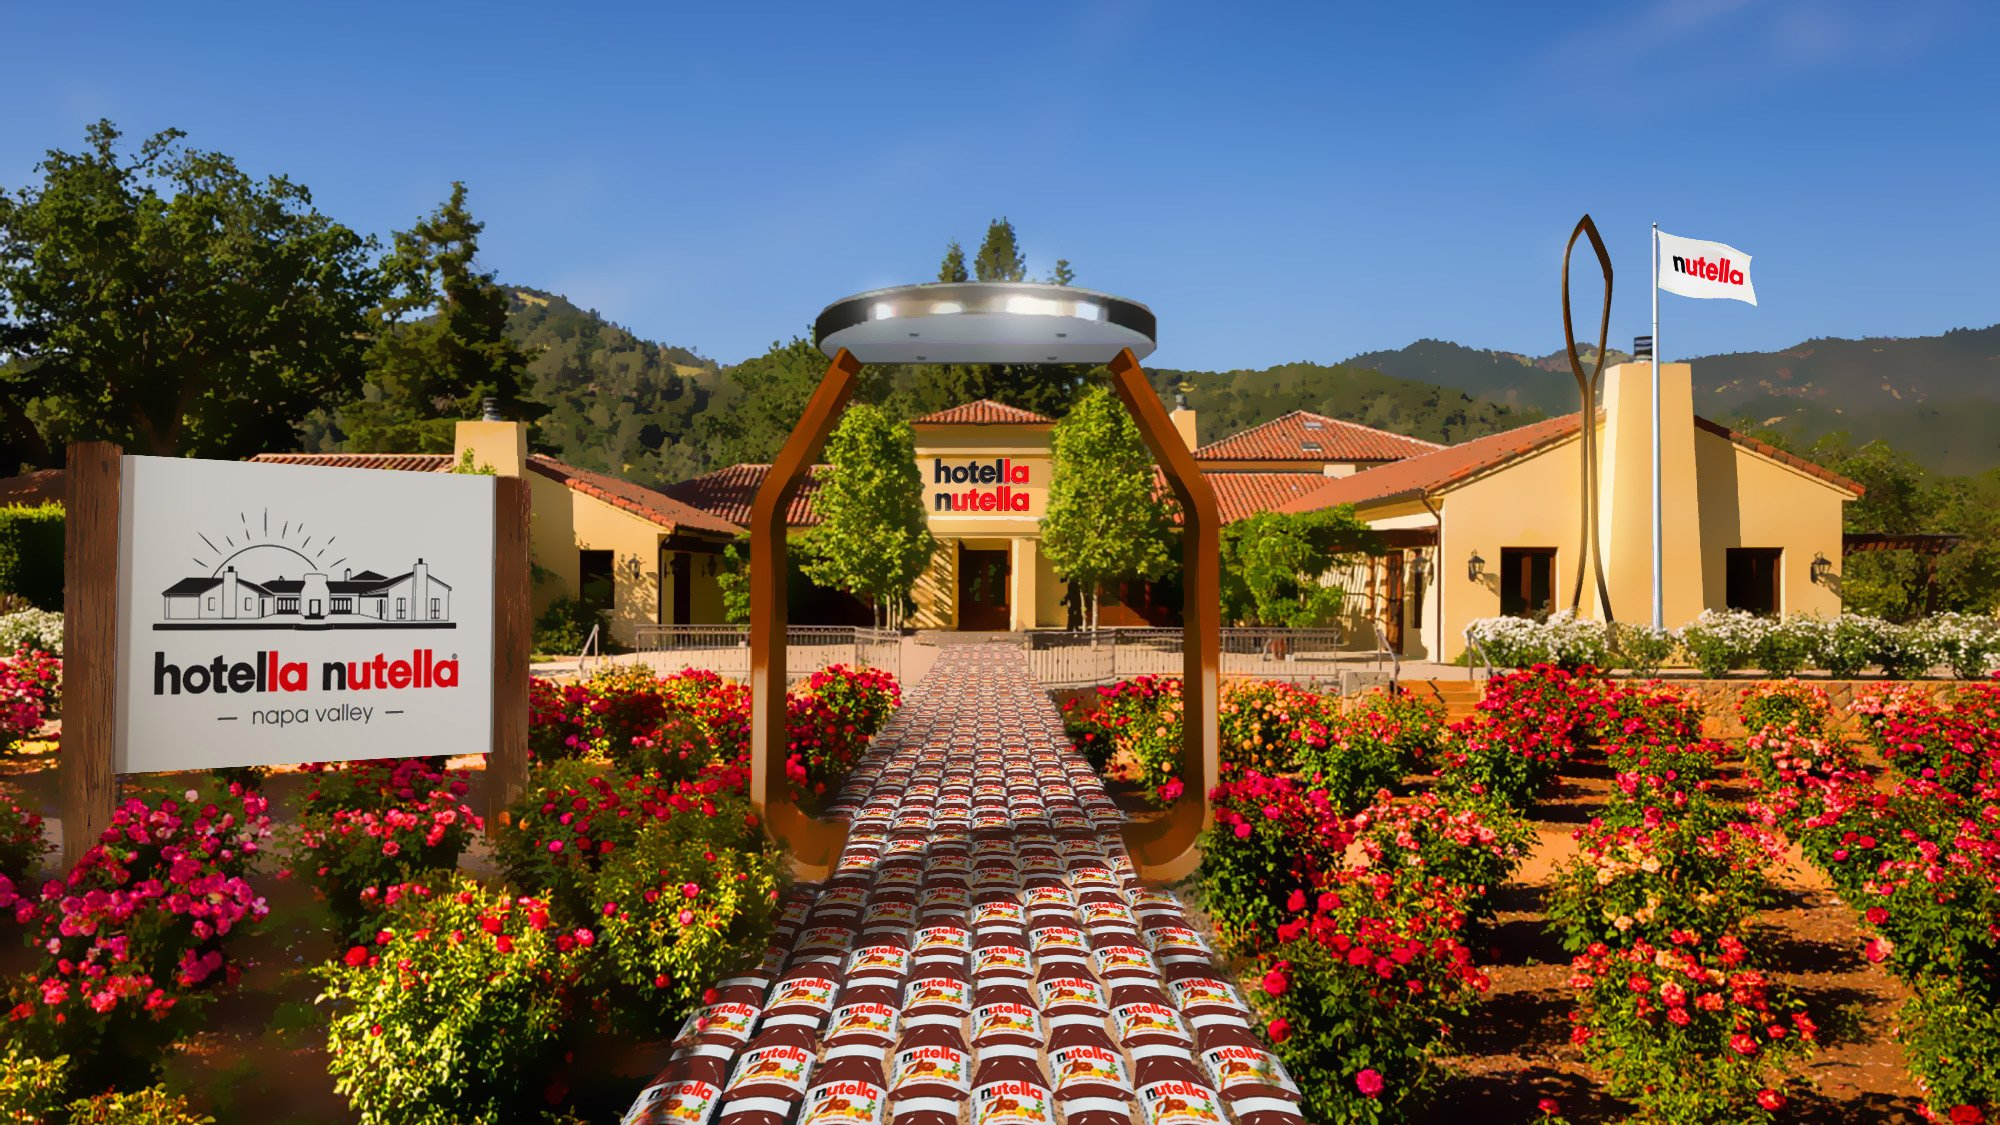 Hotella Nutella: in California sarà possibile alloggiare in un Hotel dedicato alla Nutella!